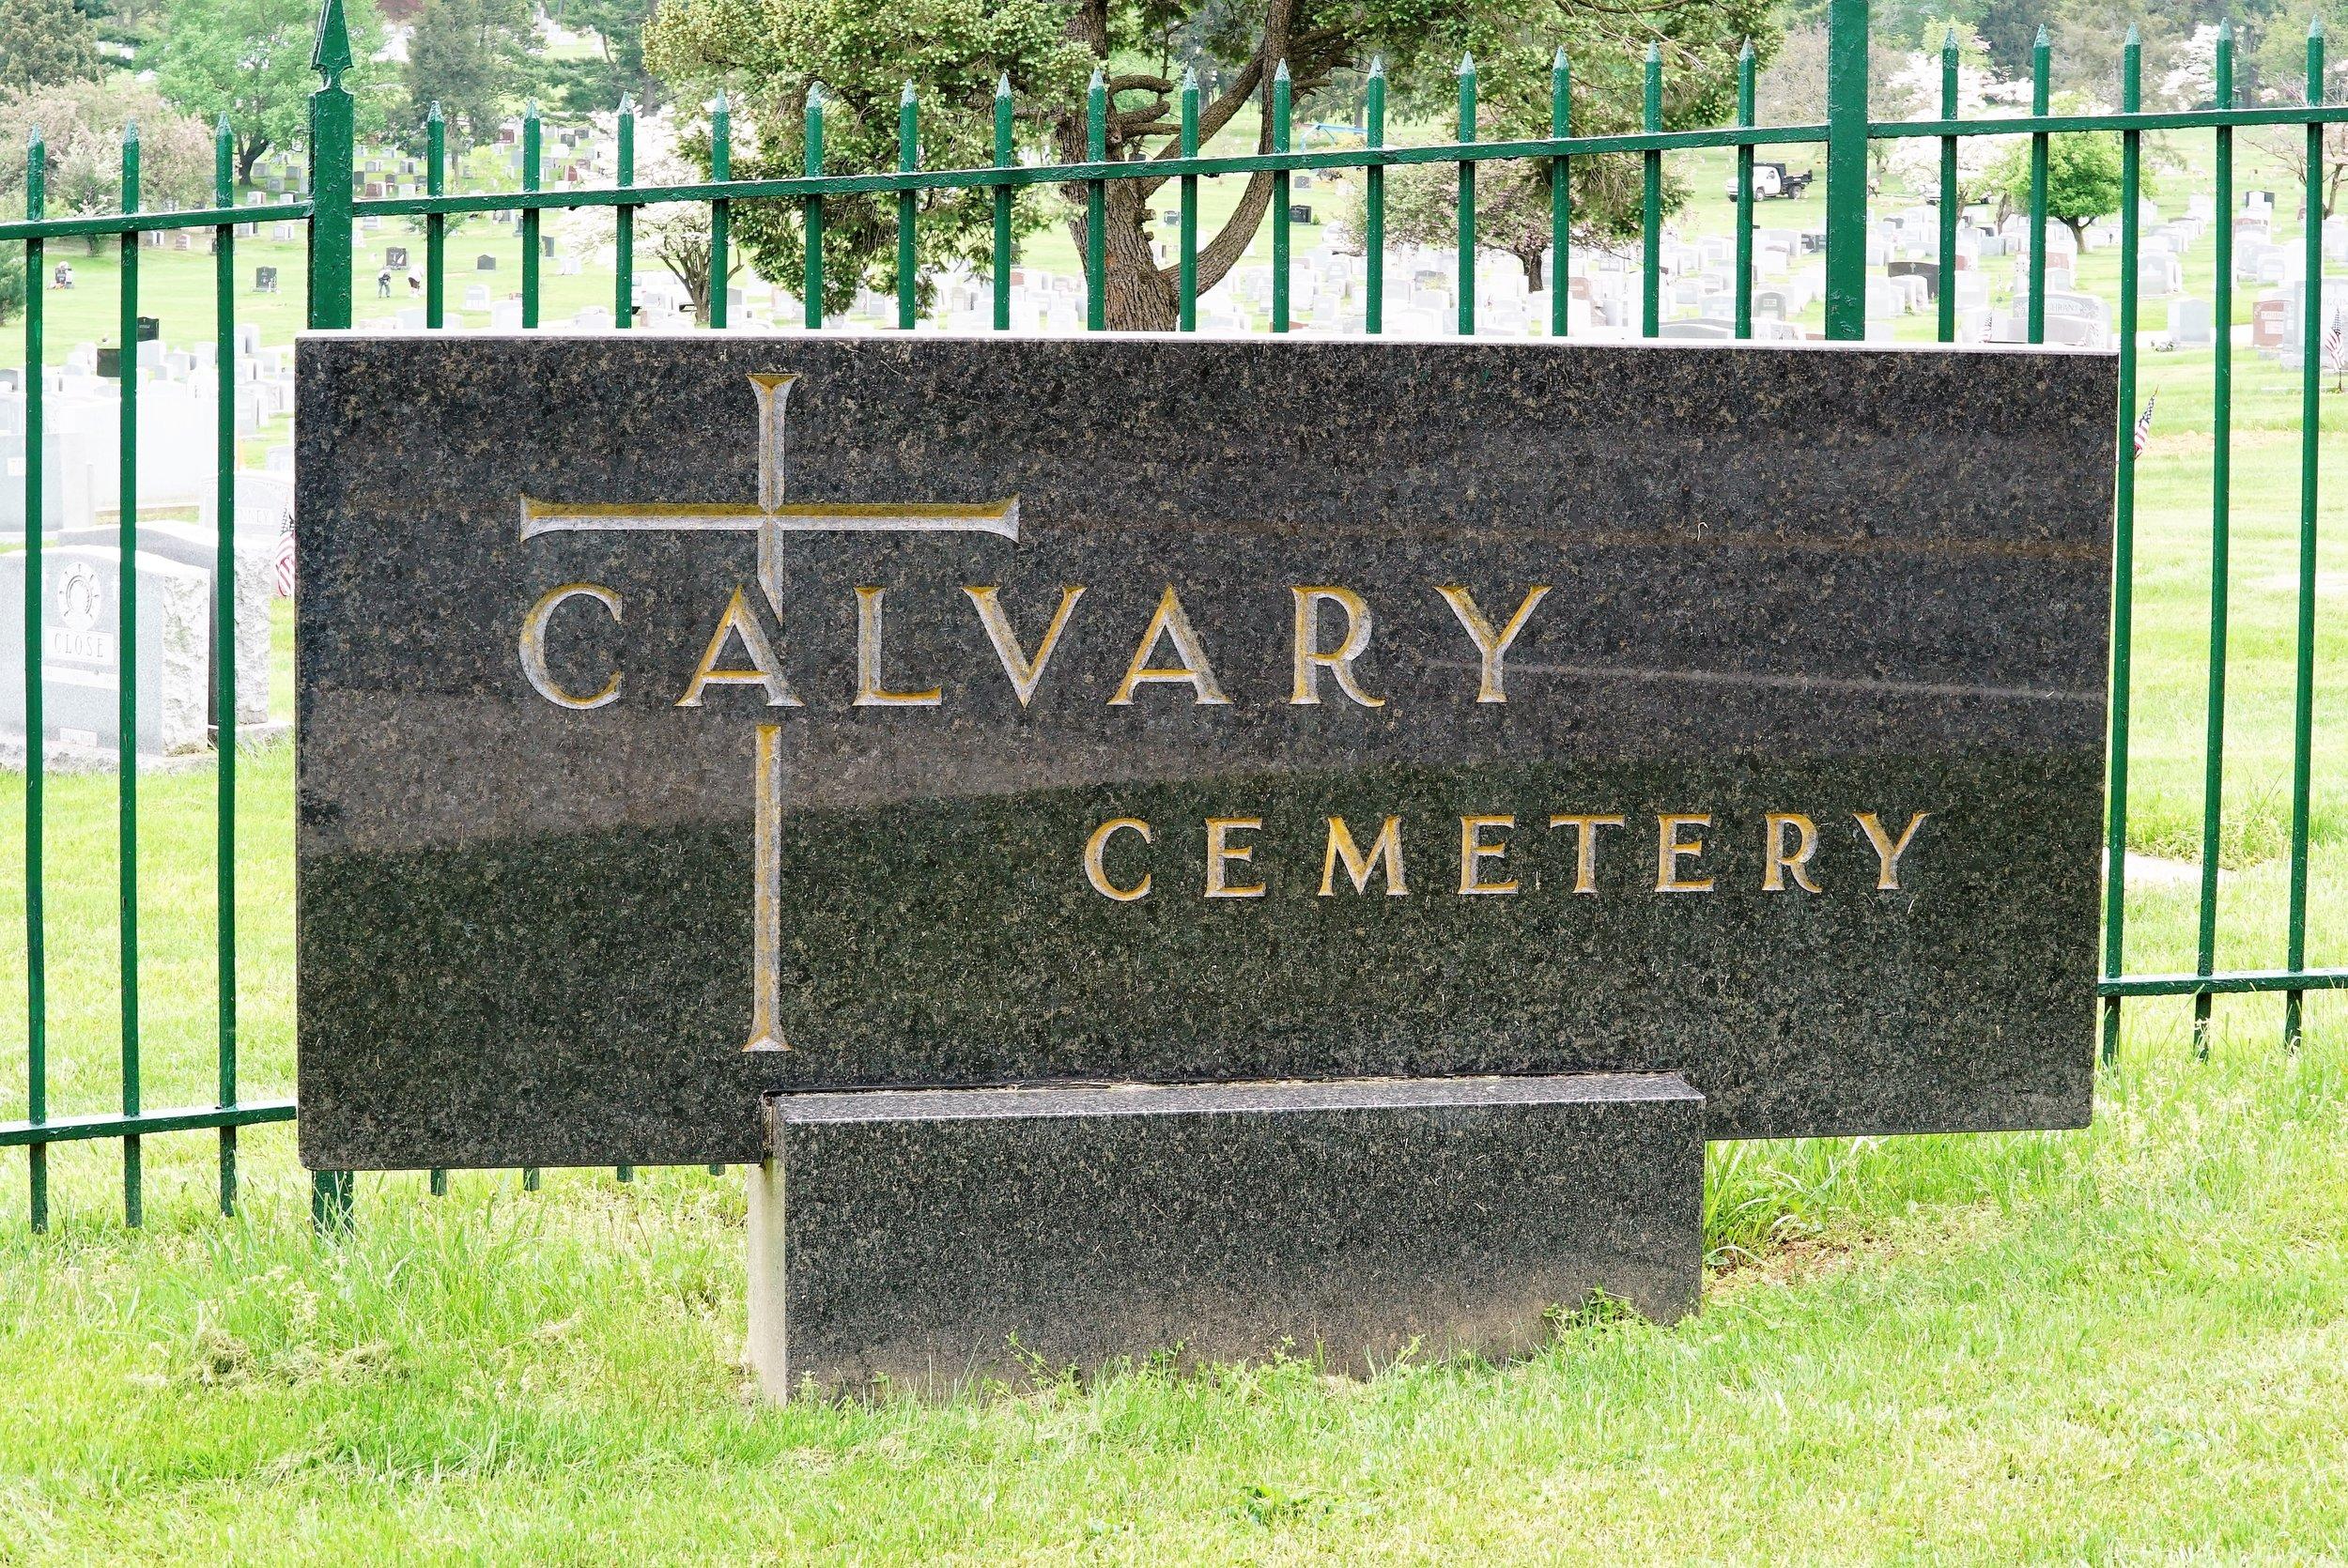 Sign at the entrance to Calvary Cemetery. Conshohocken, Pennsylvania.